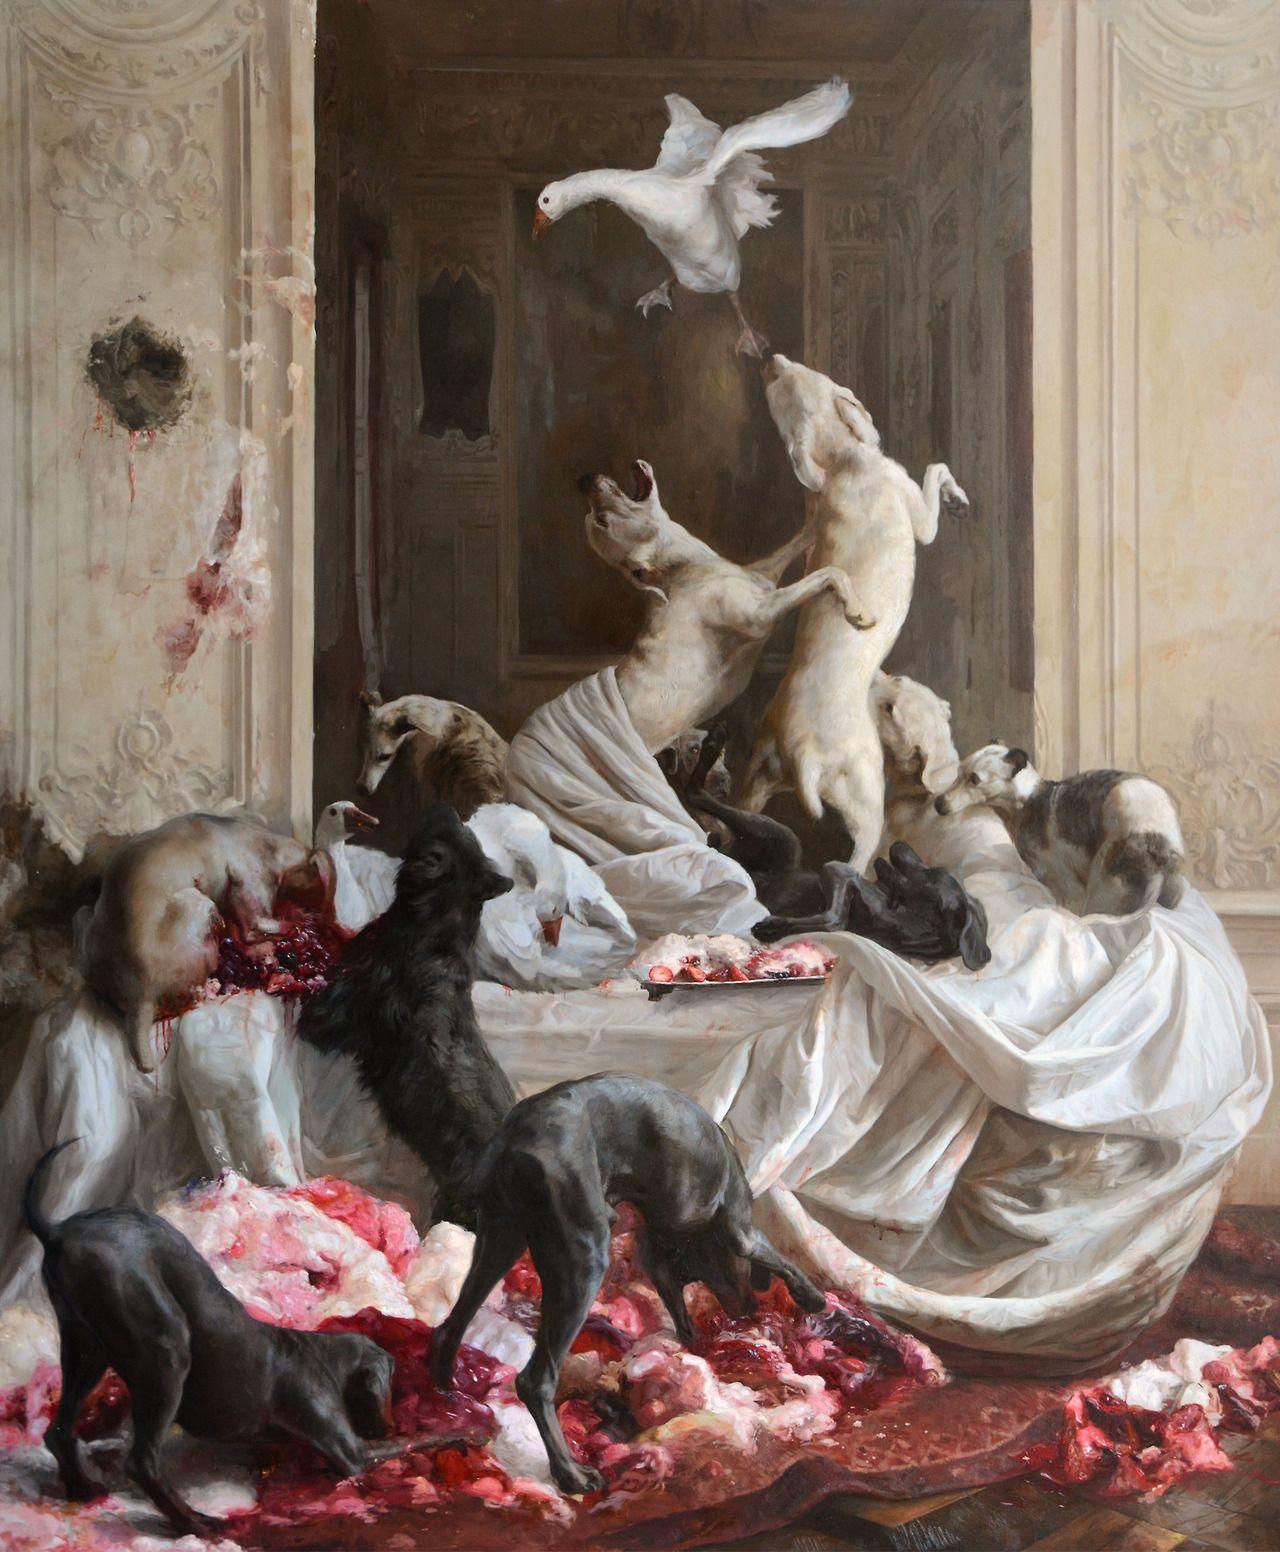 Guillermo Andrés Lorca García Huidobro - El Banquete. Oil on canvas